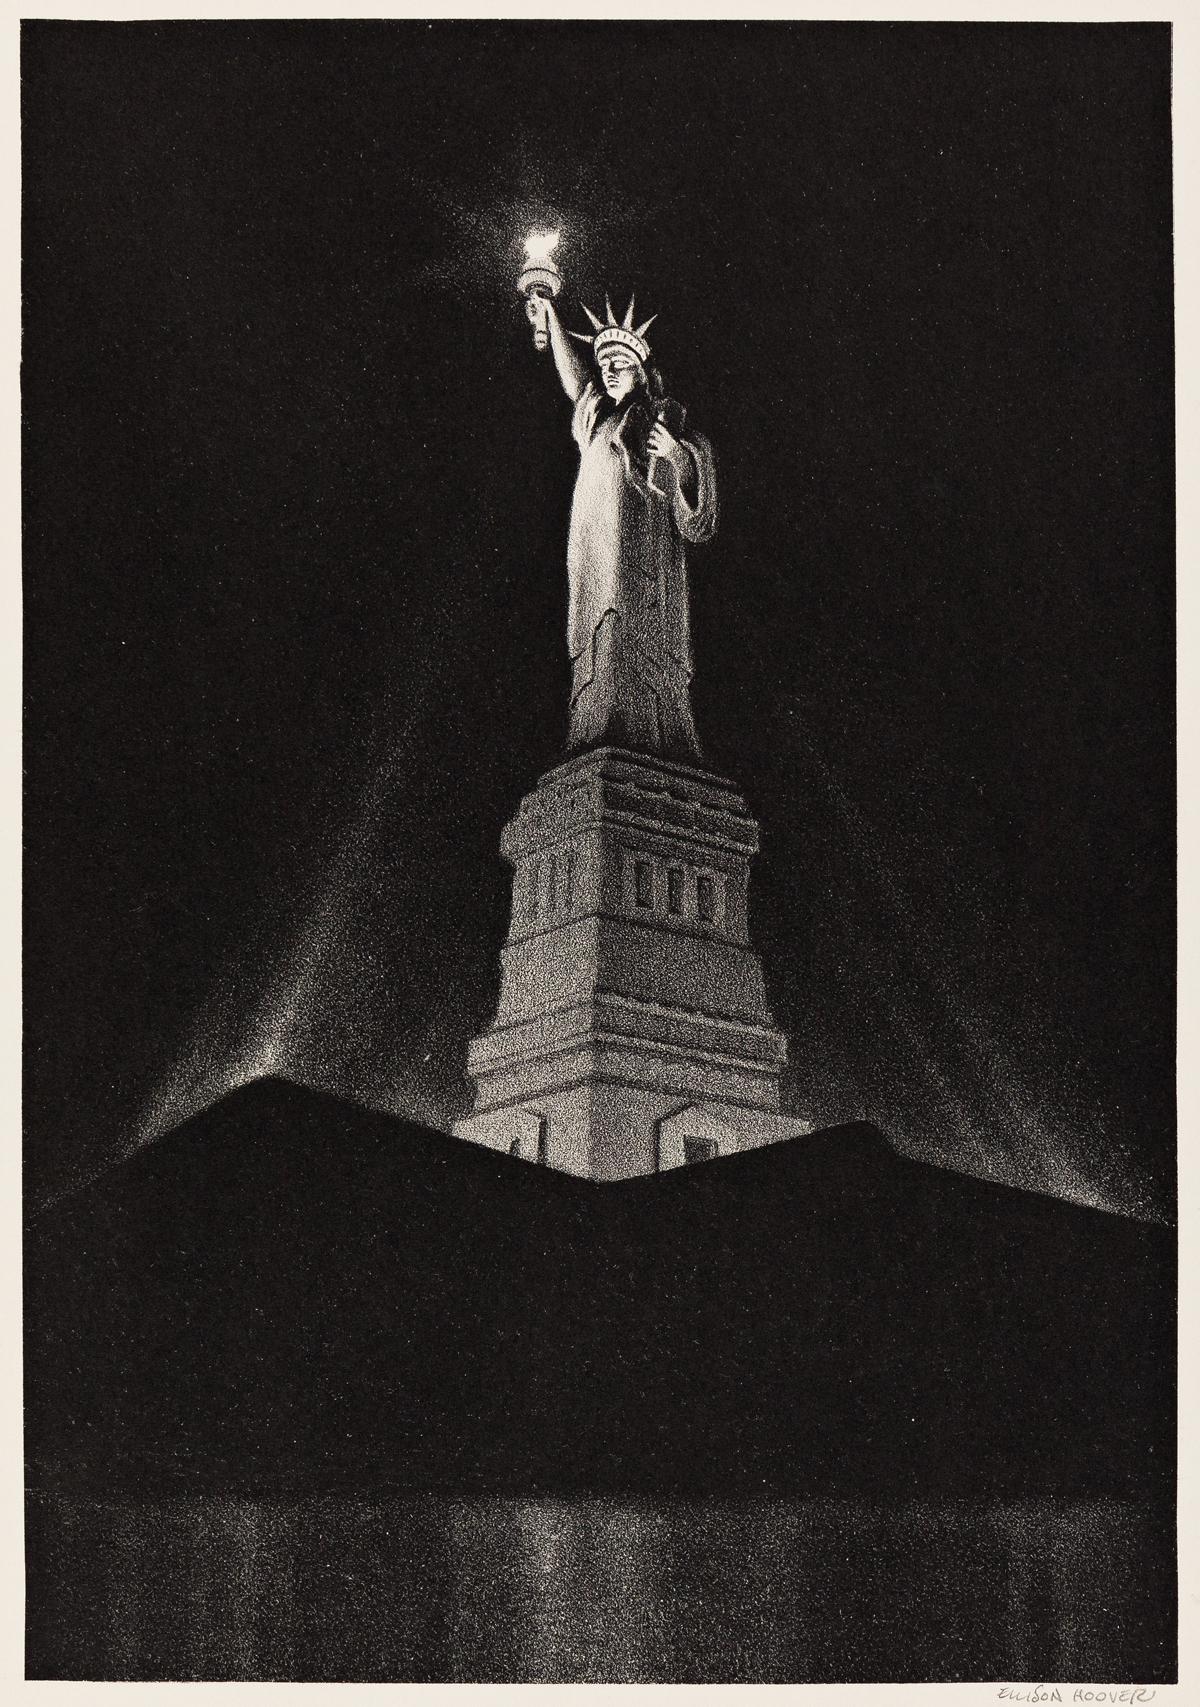 ELLISON HOOVER Liberty.